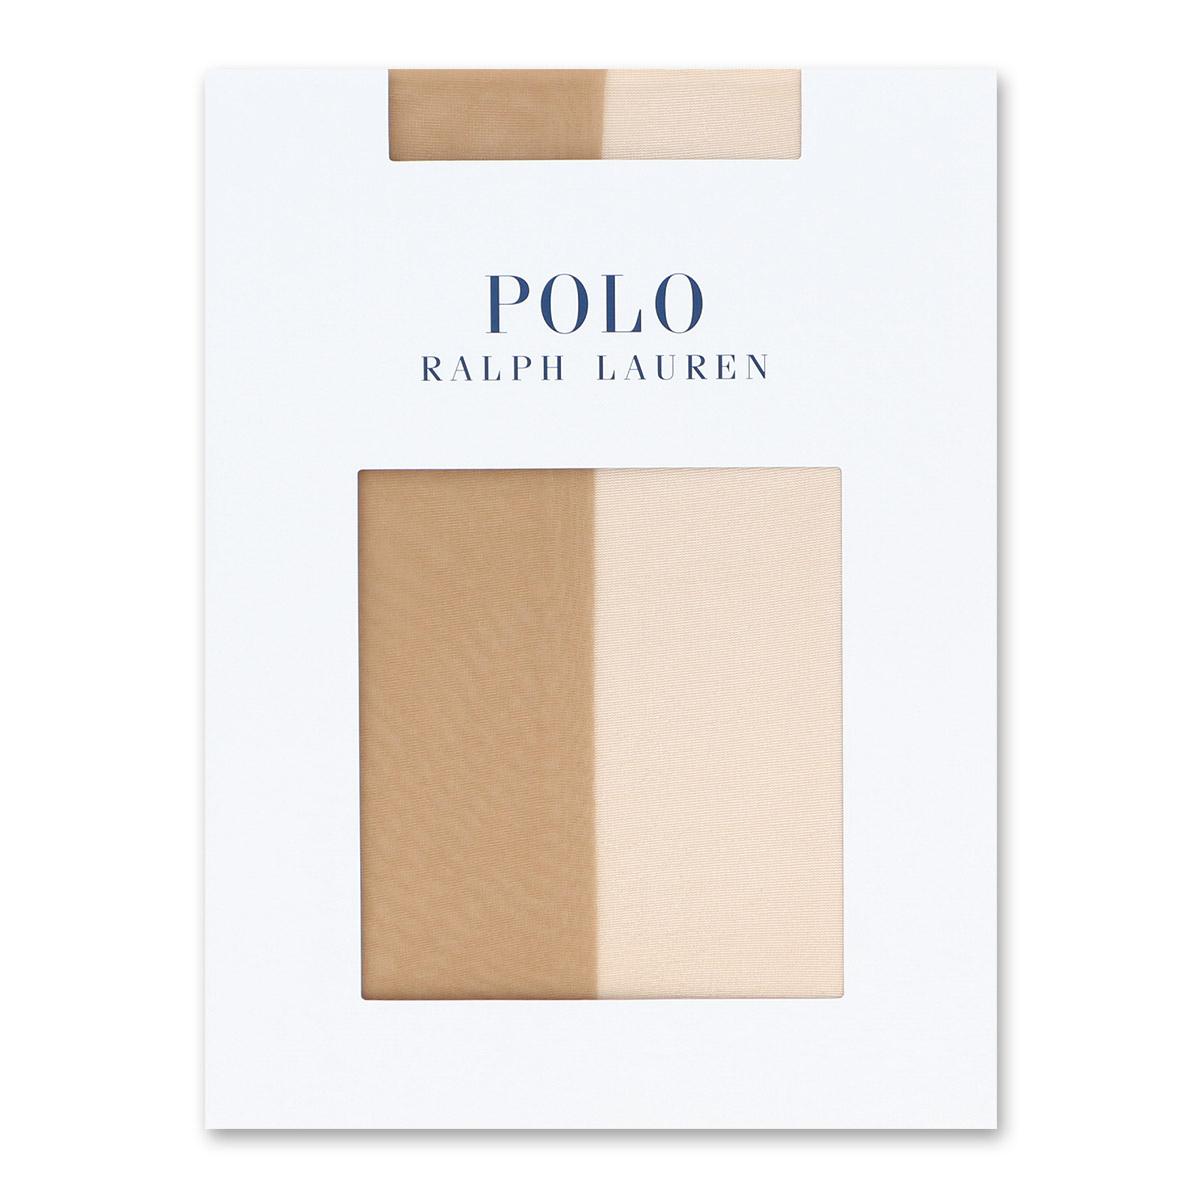 POLO RALPH LAUREN ポロ ラルフローレン|パンティストッキング|ウィメンズ ハイパワーシアートゥウエスト|つま先・パンティー部切り替えなし|183-2330